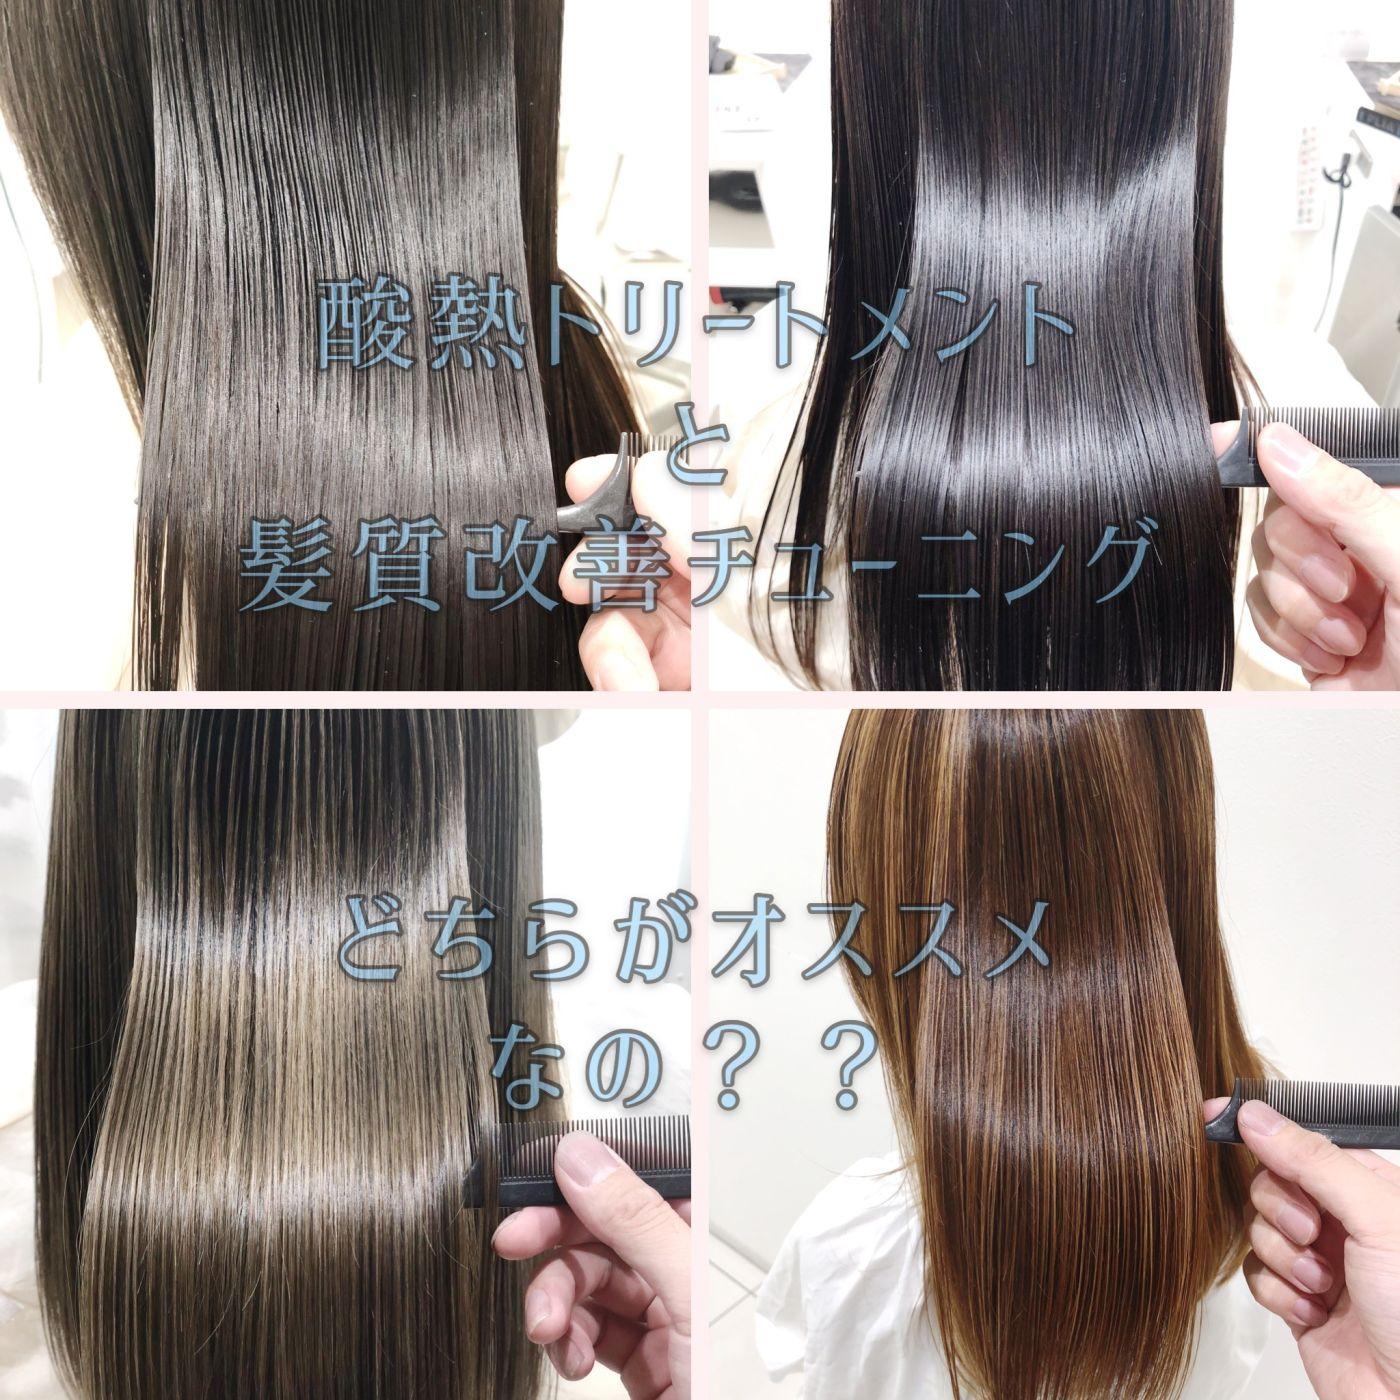 髪質改善どちらをすればいいのだろう?